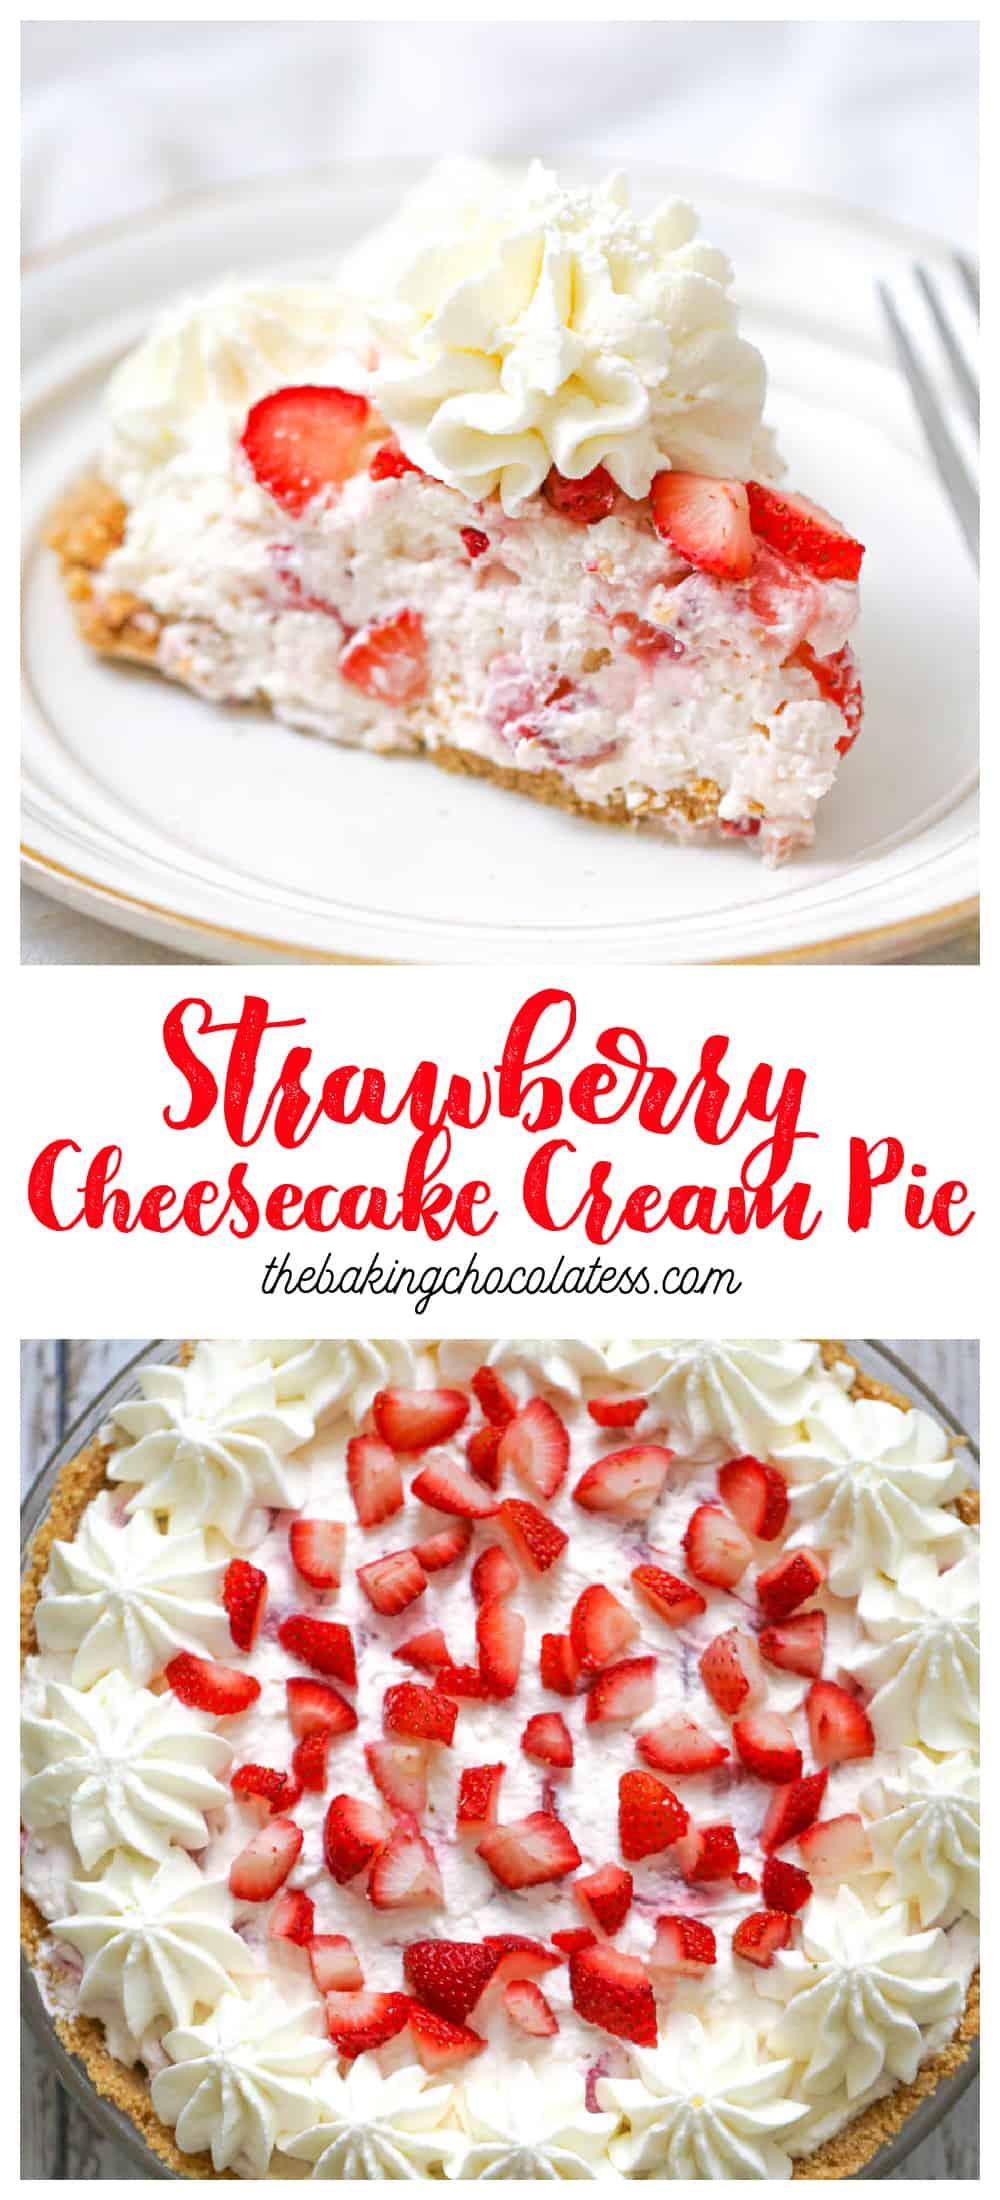 No Bake Strawberry Cheesecake Cream Pie